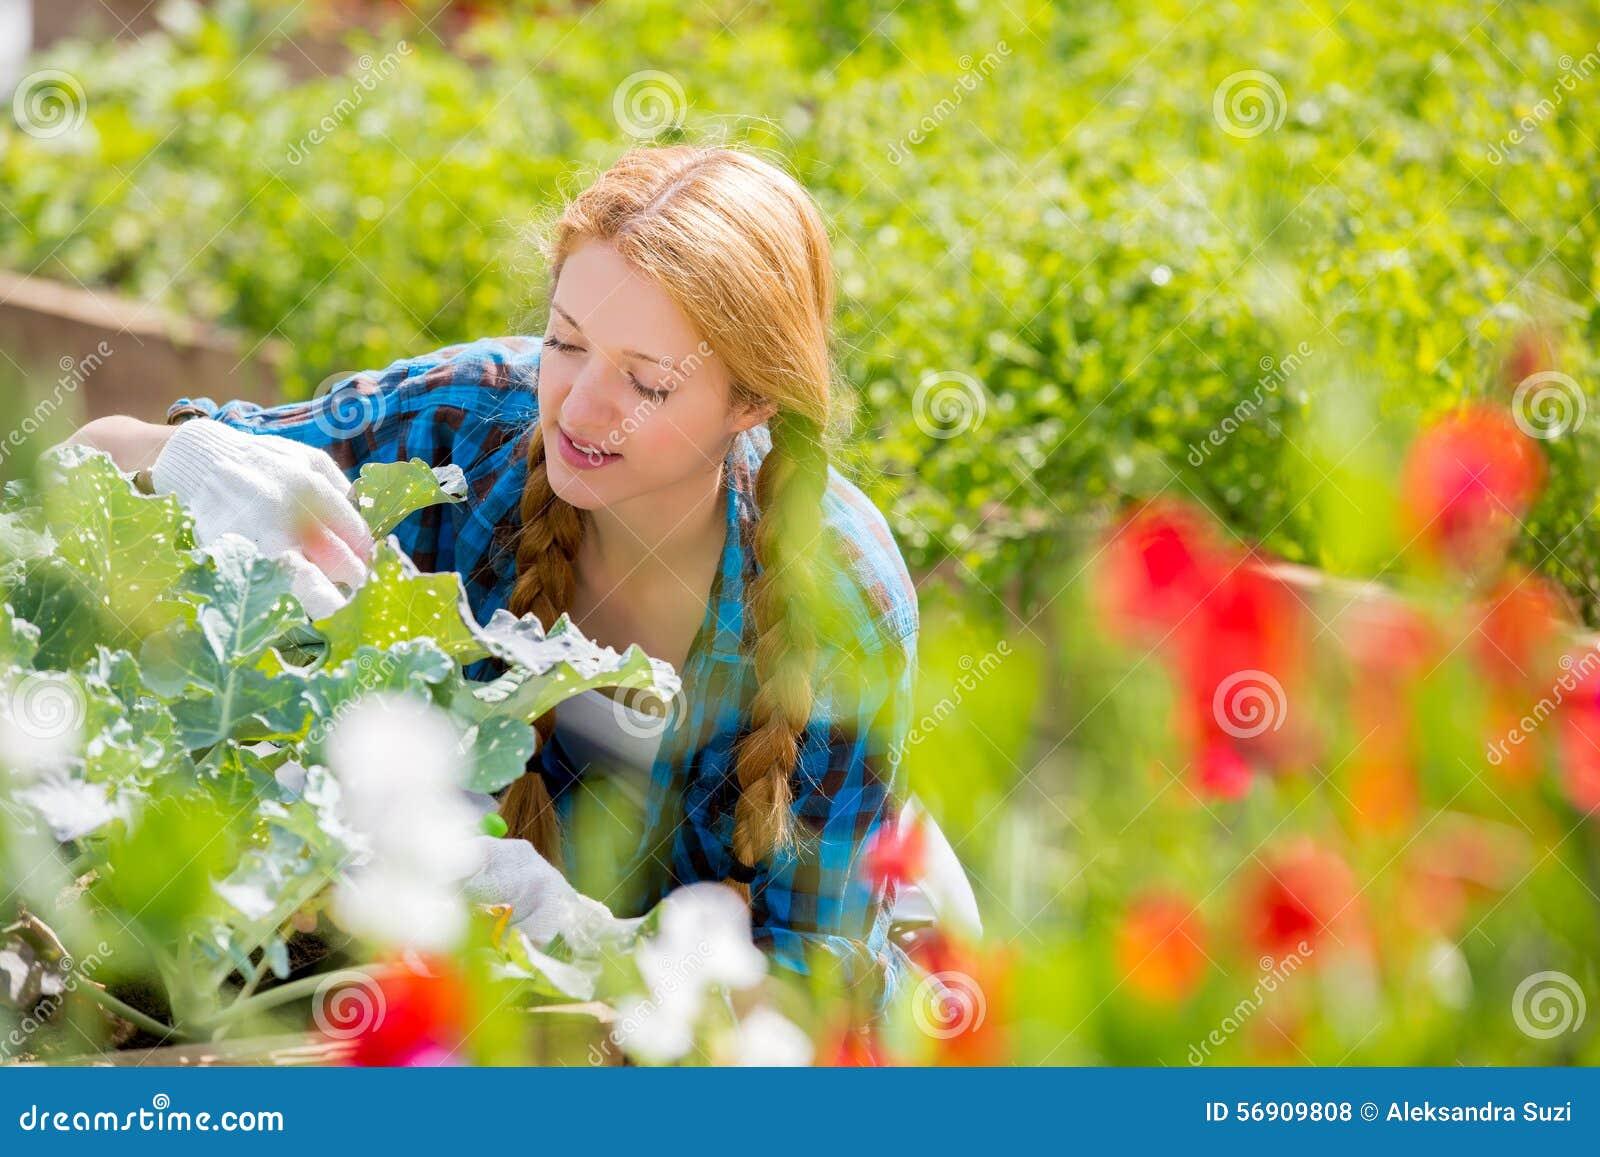 Γυναίκα με το ευτυχές χαμόγελο στον κήπο